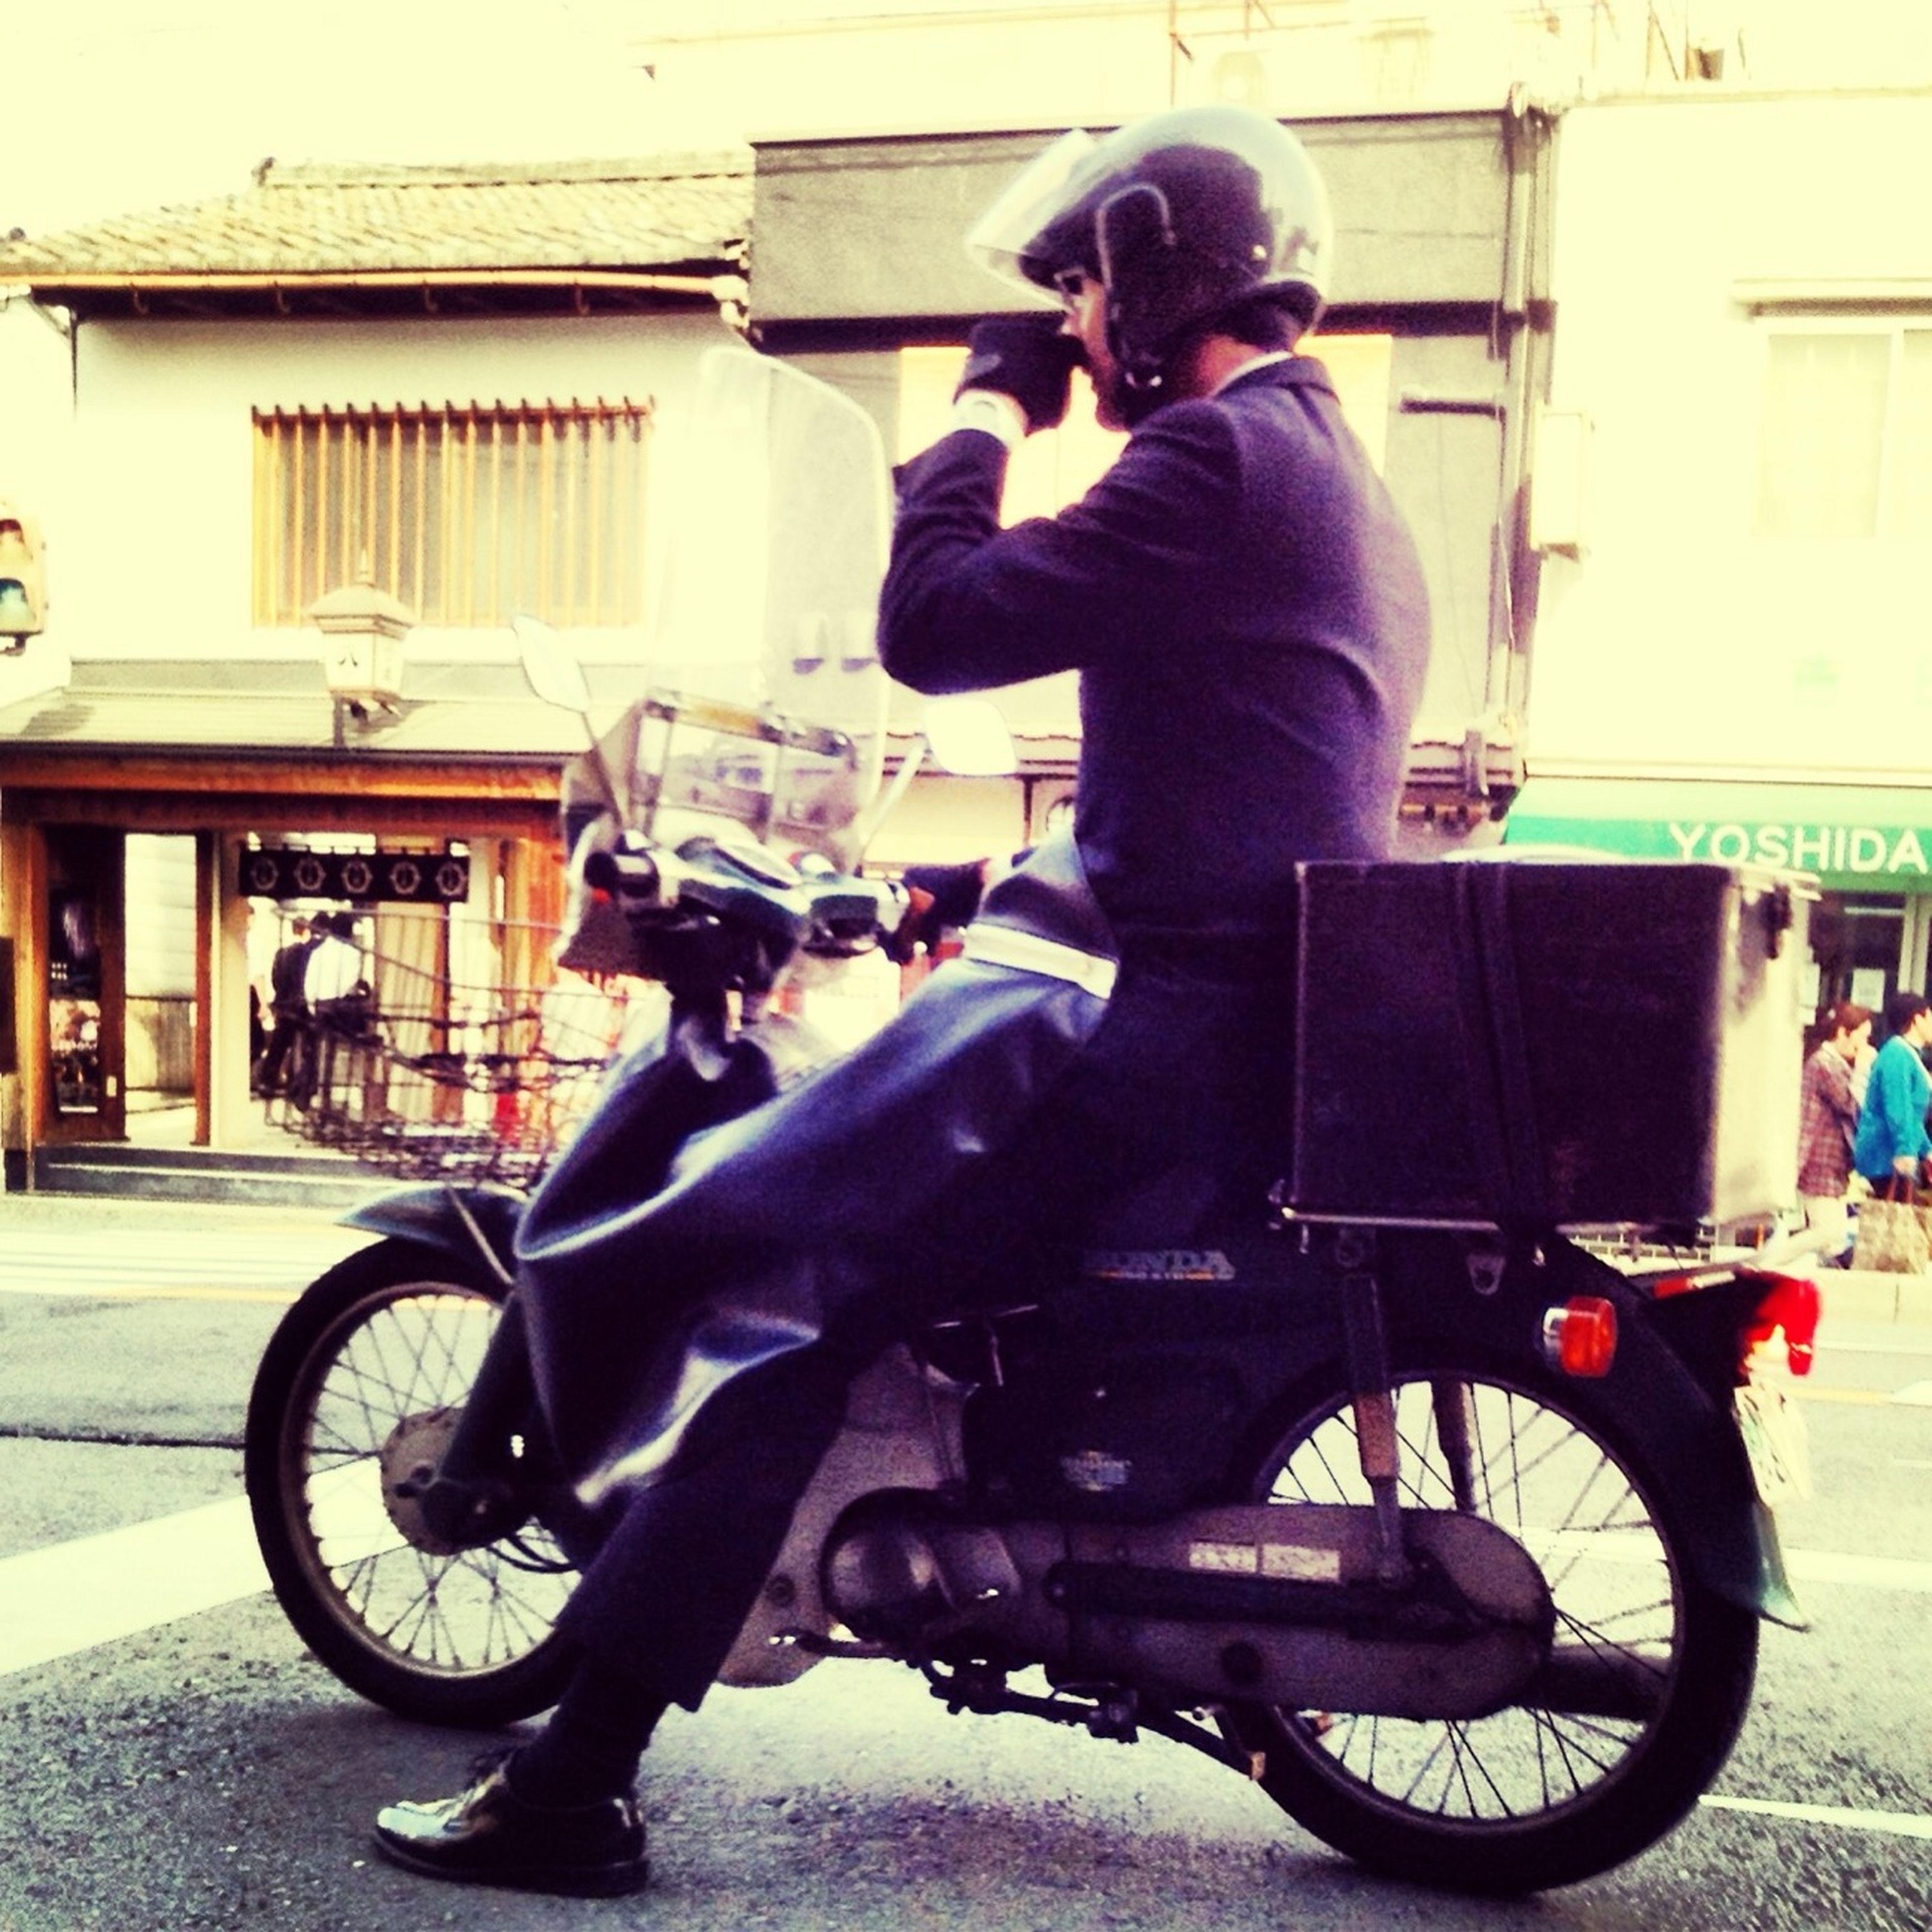 Mafia On Bike